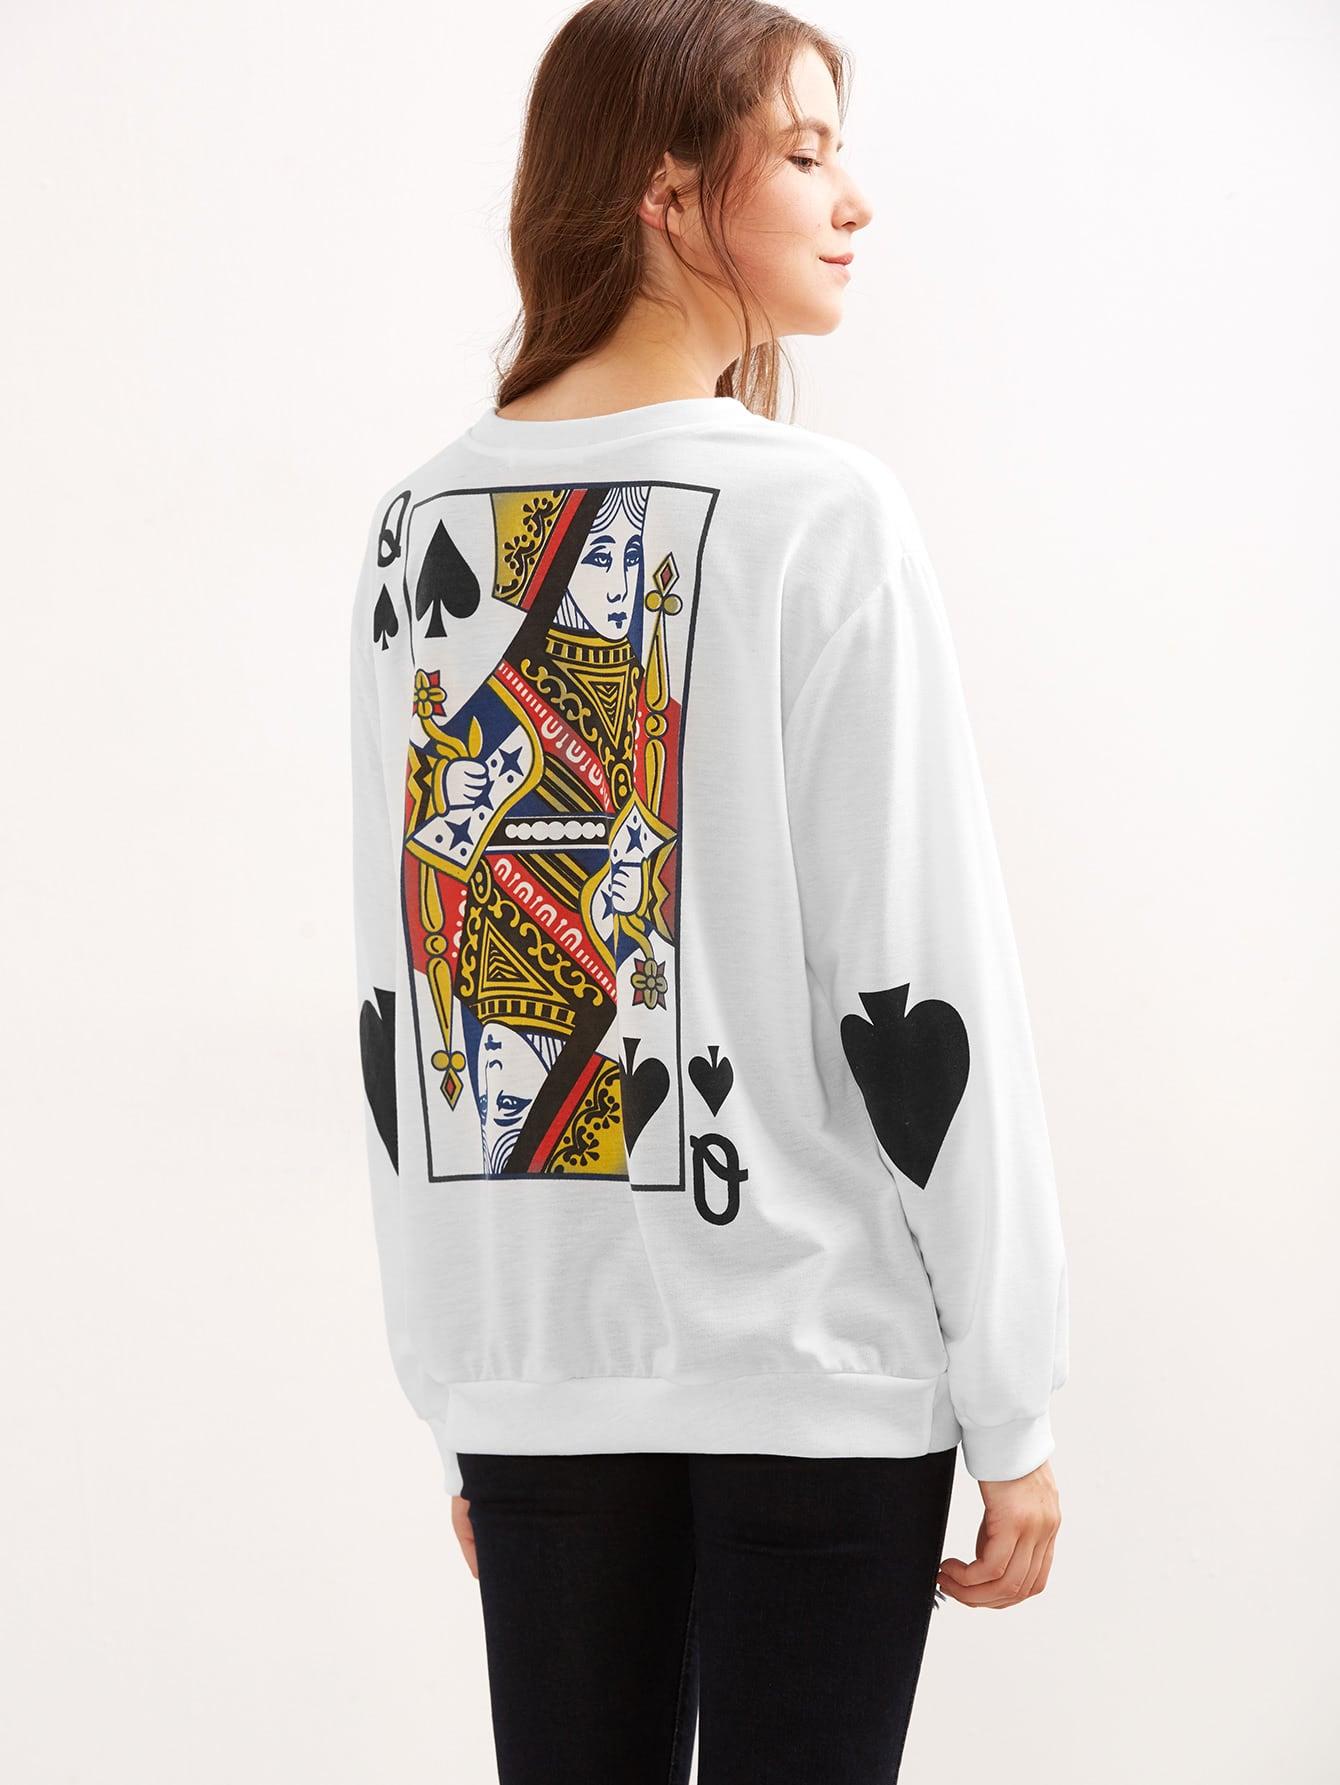 Queen Of Spades Print Loose Sweatshirt sweatshirt160829102